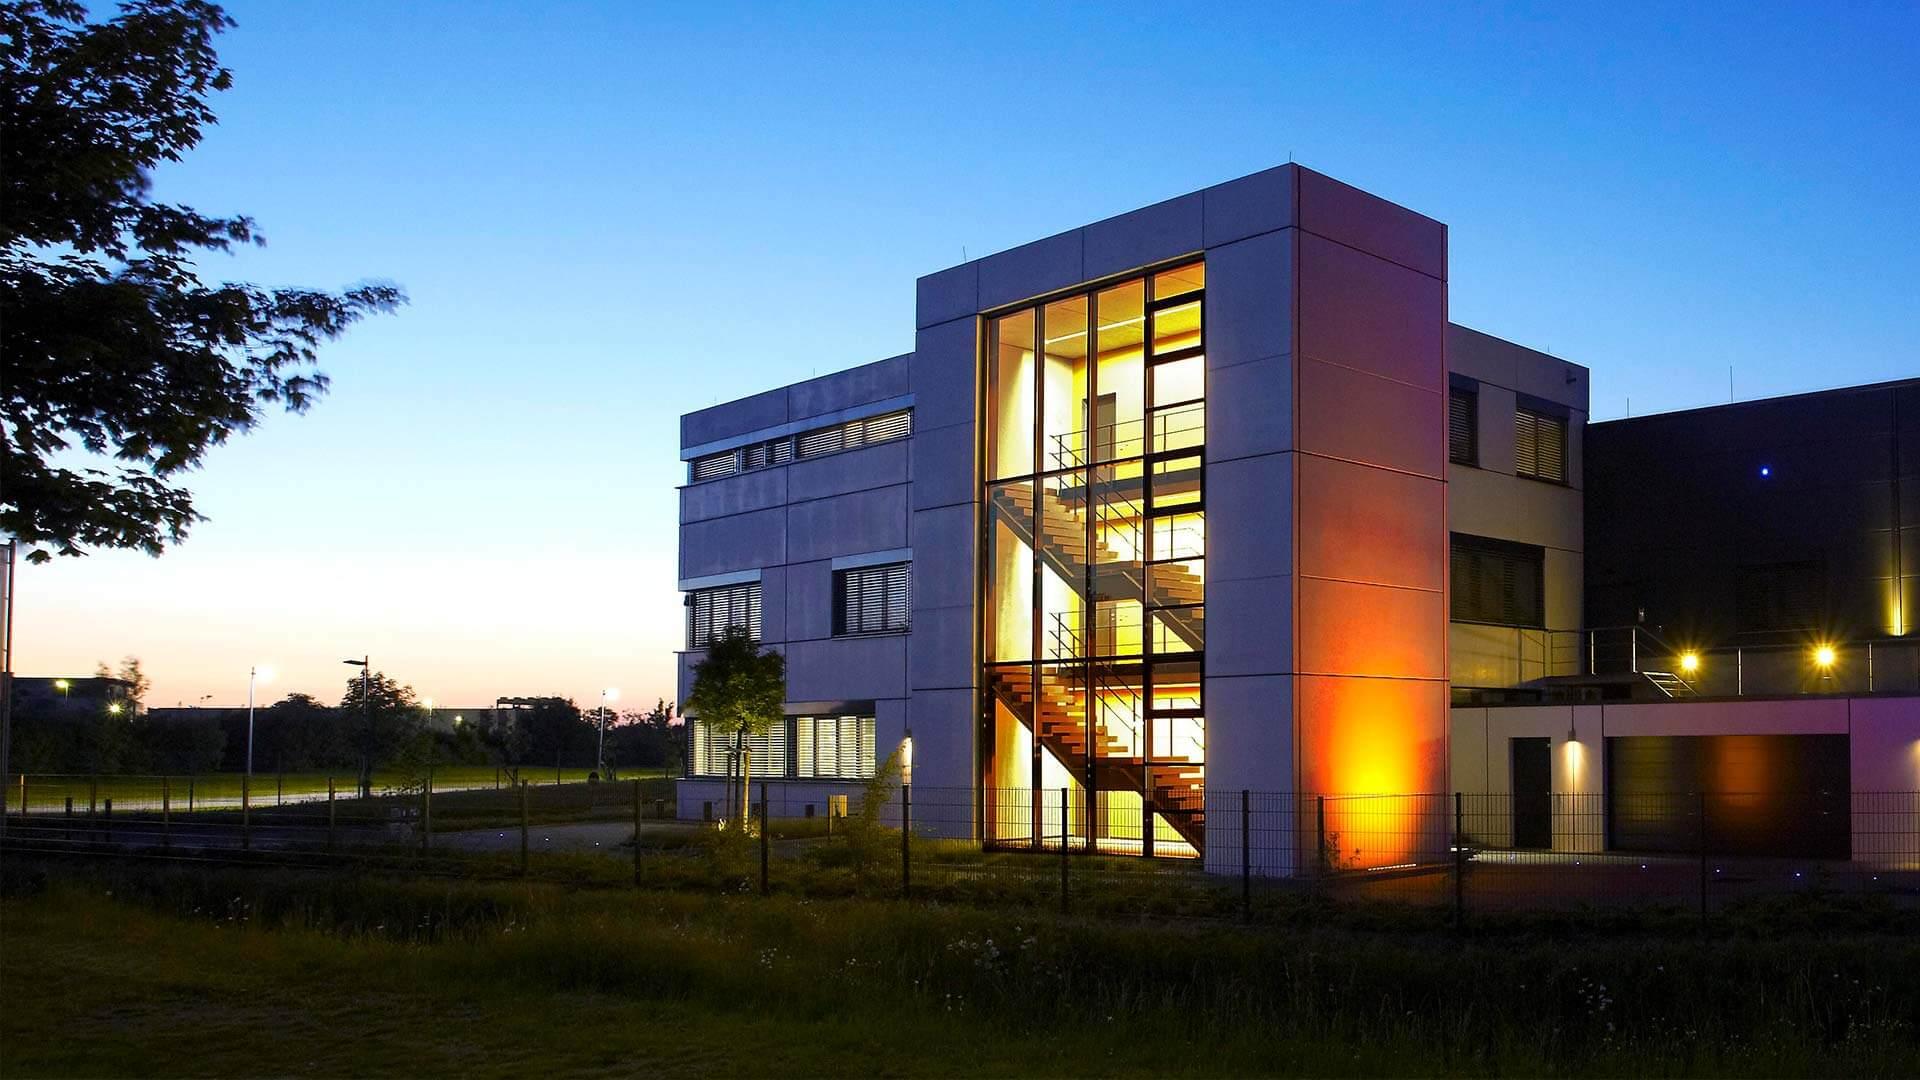 aixFOAM-äänieristys - Yritysrakennus, jossa valmistetaan äänenvaimentimia